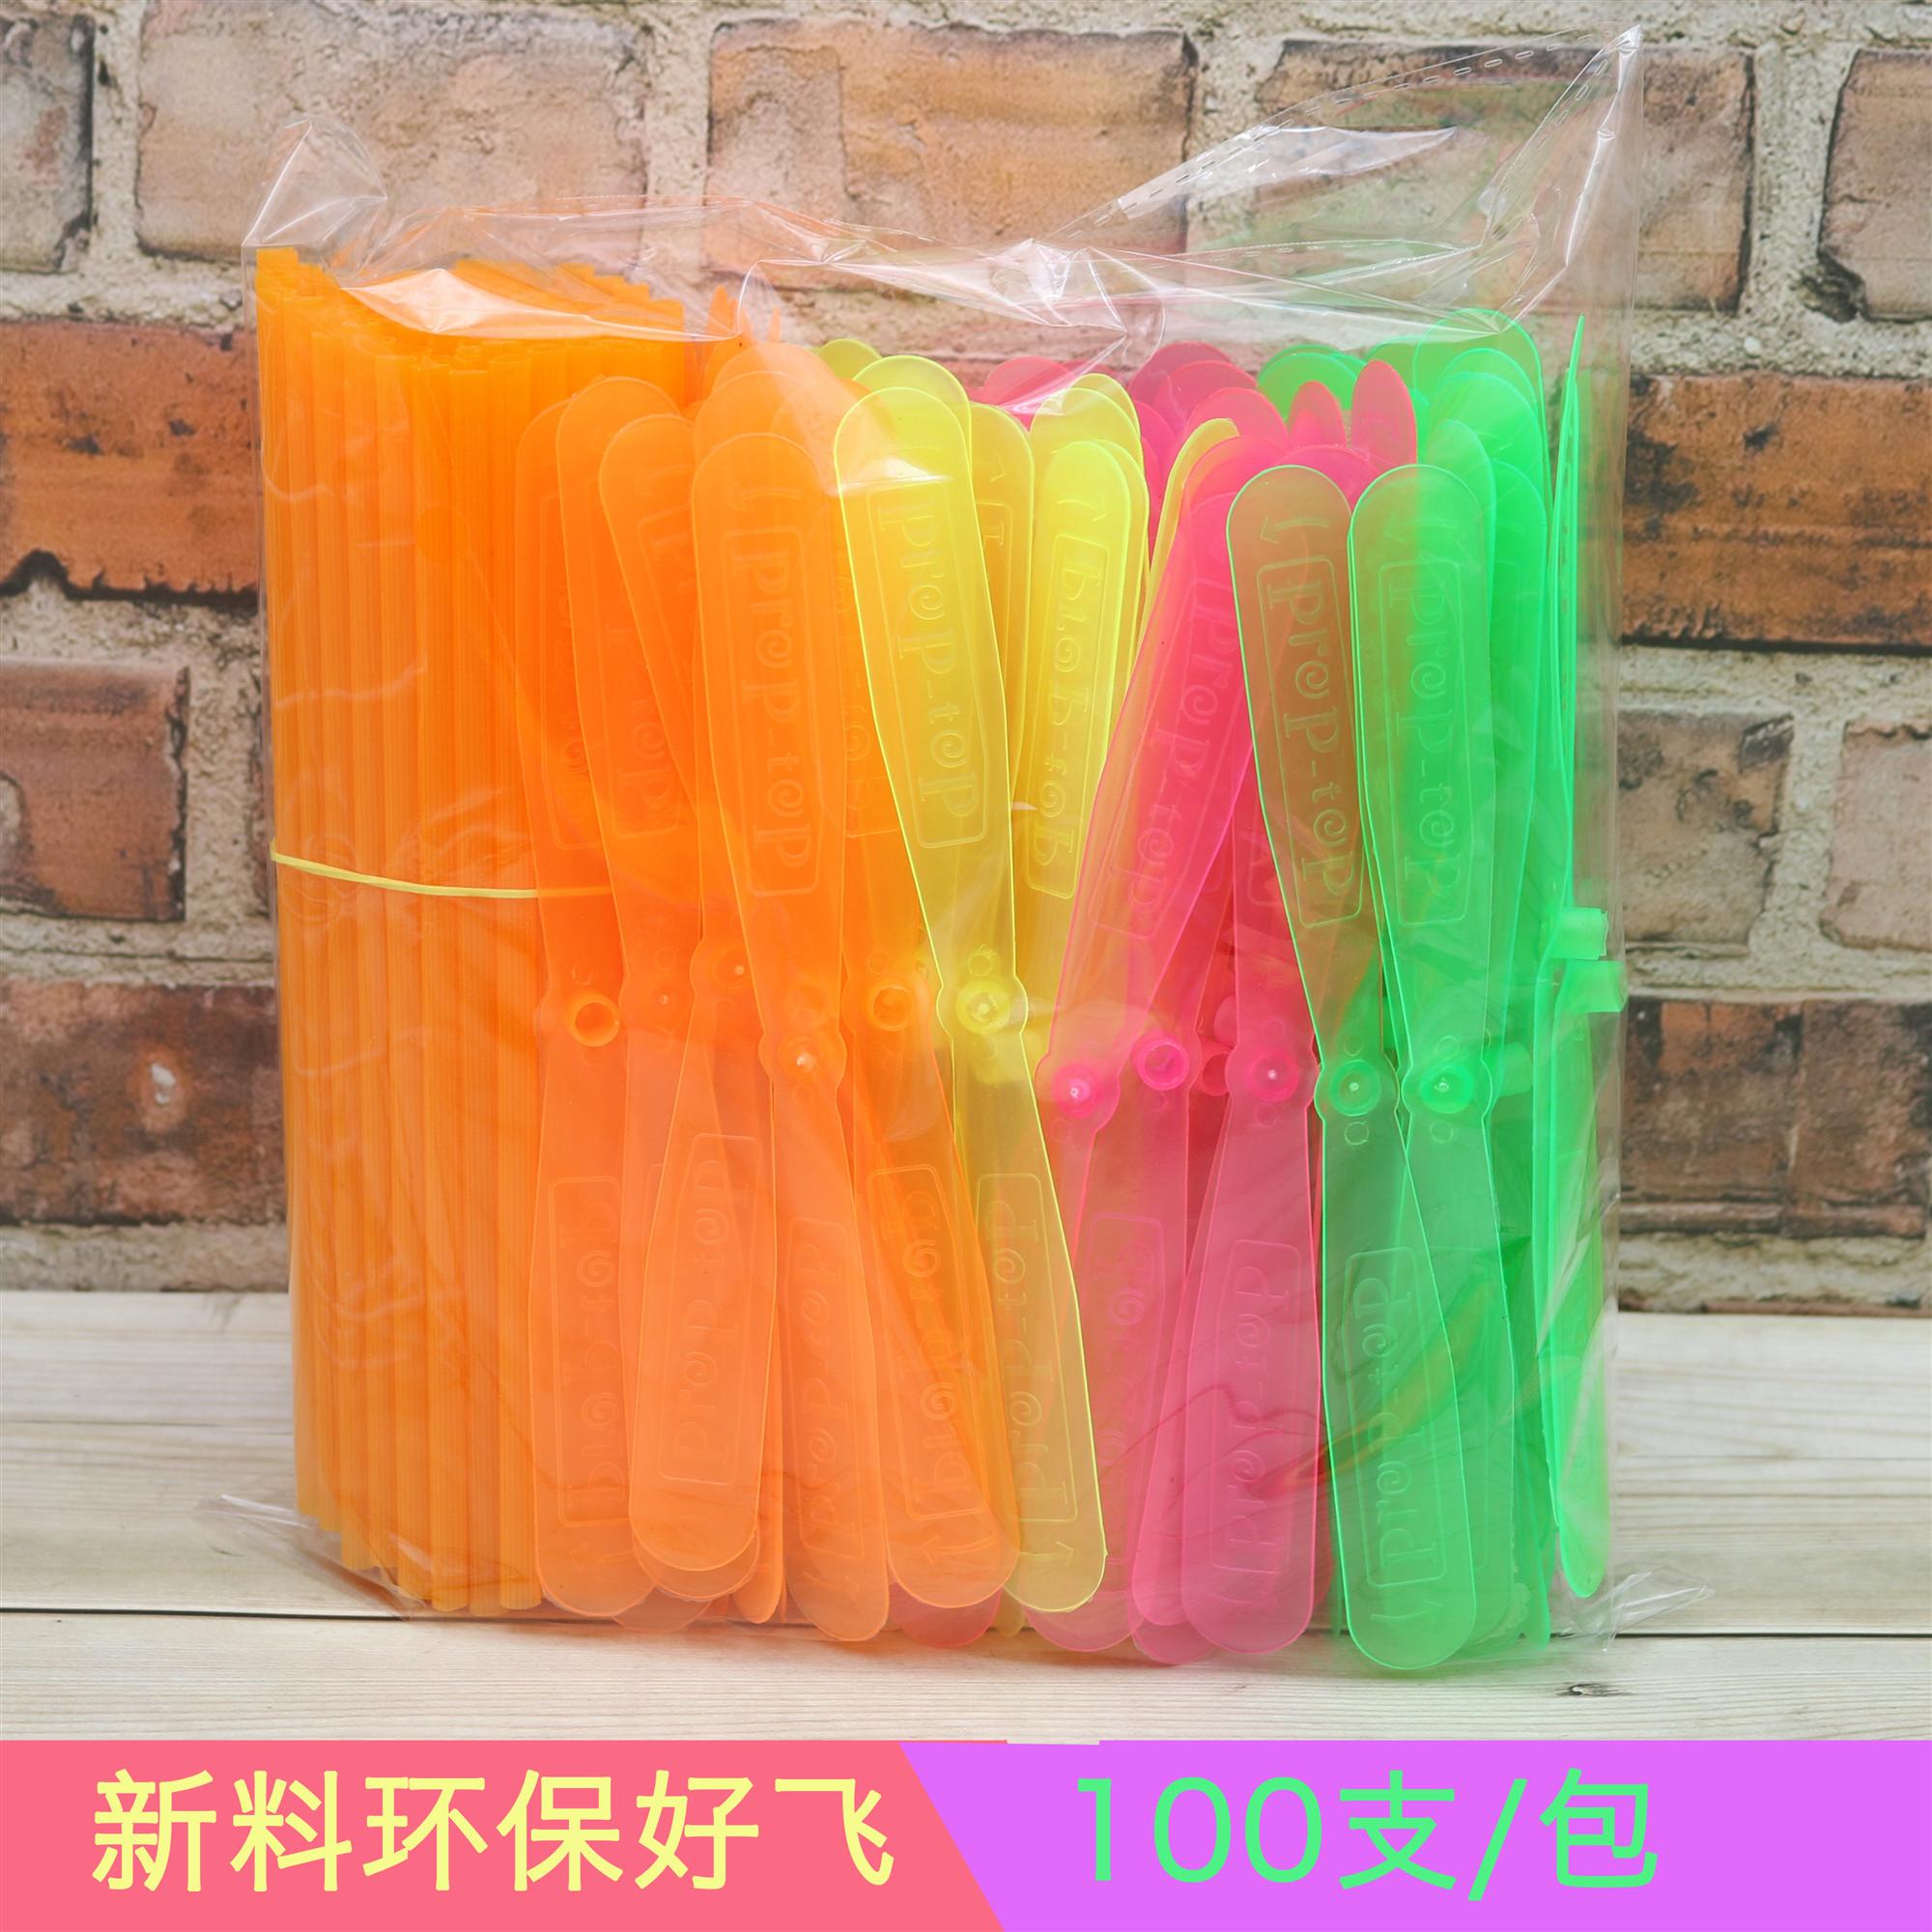 旋转竹蜻蜓手推塑料飞天仙子玩具